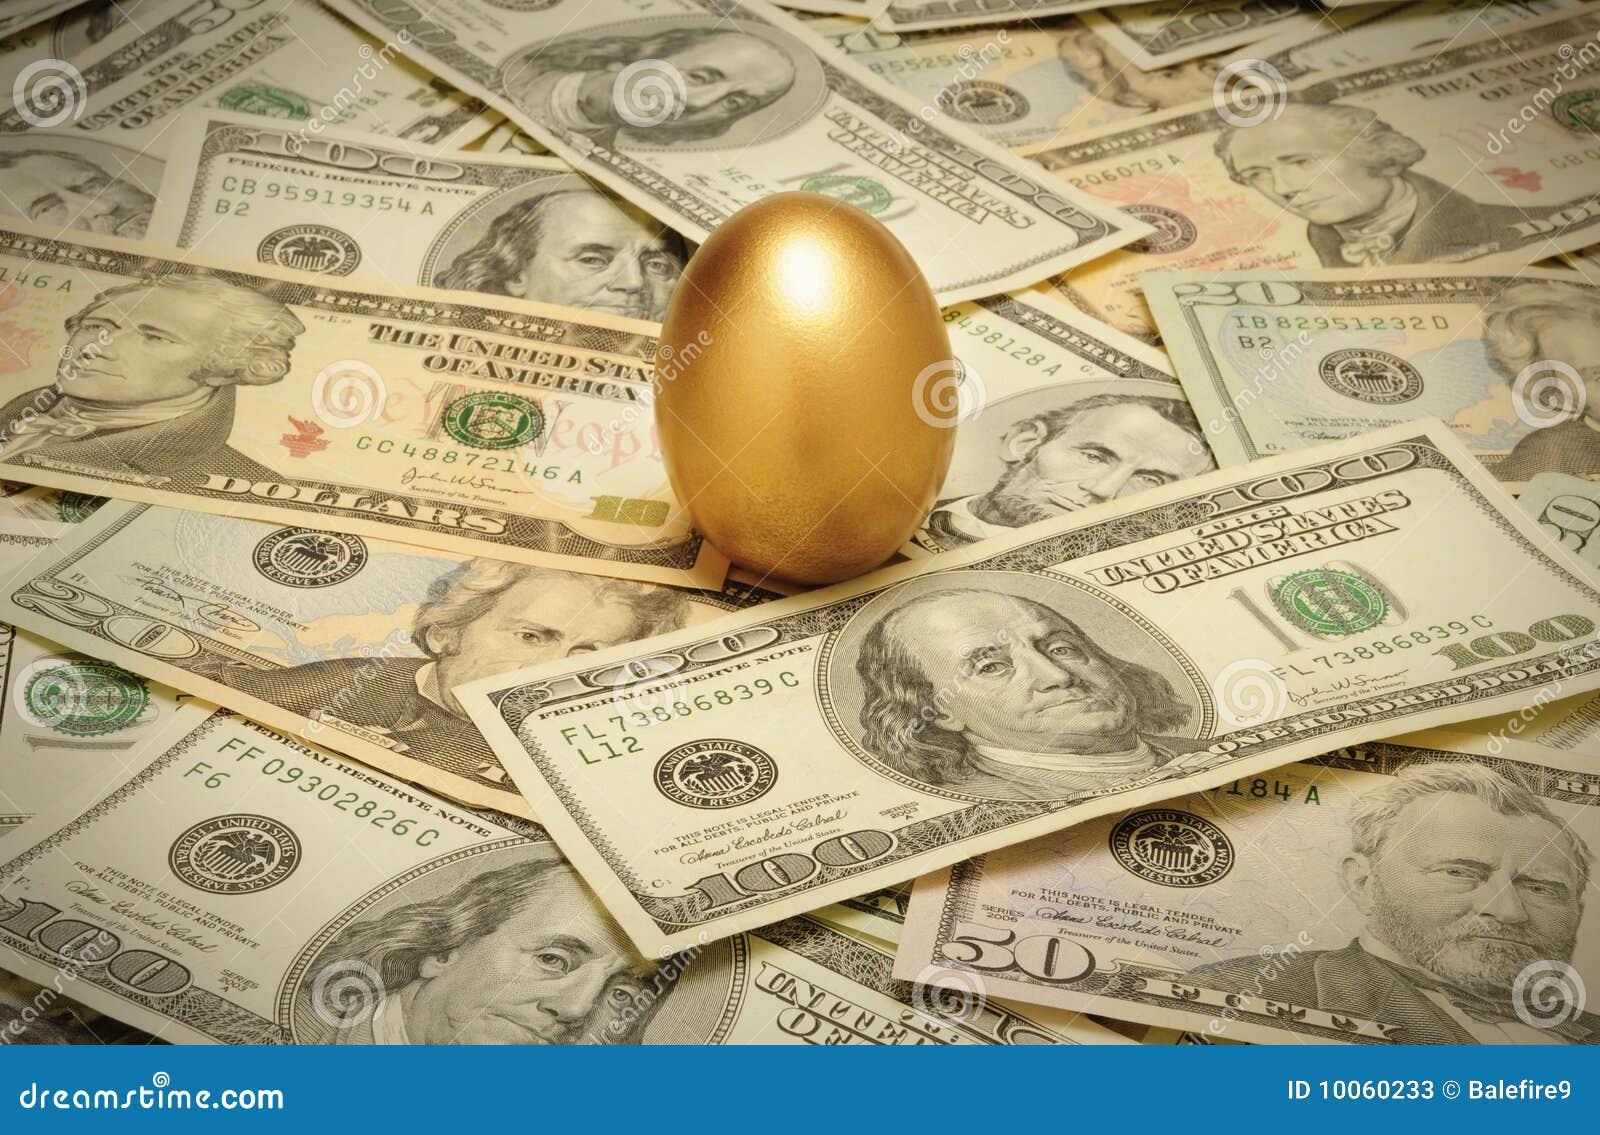 Ovo de ninho do ouro em uma camada de dinheiro